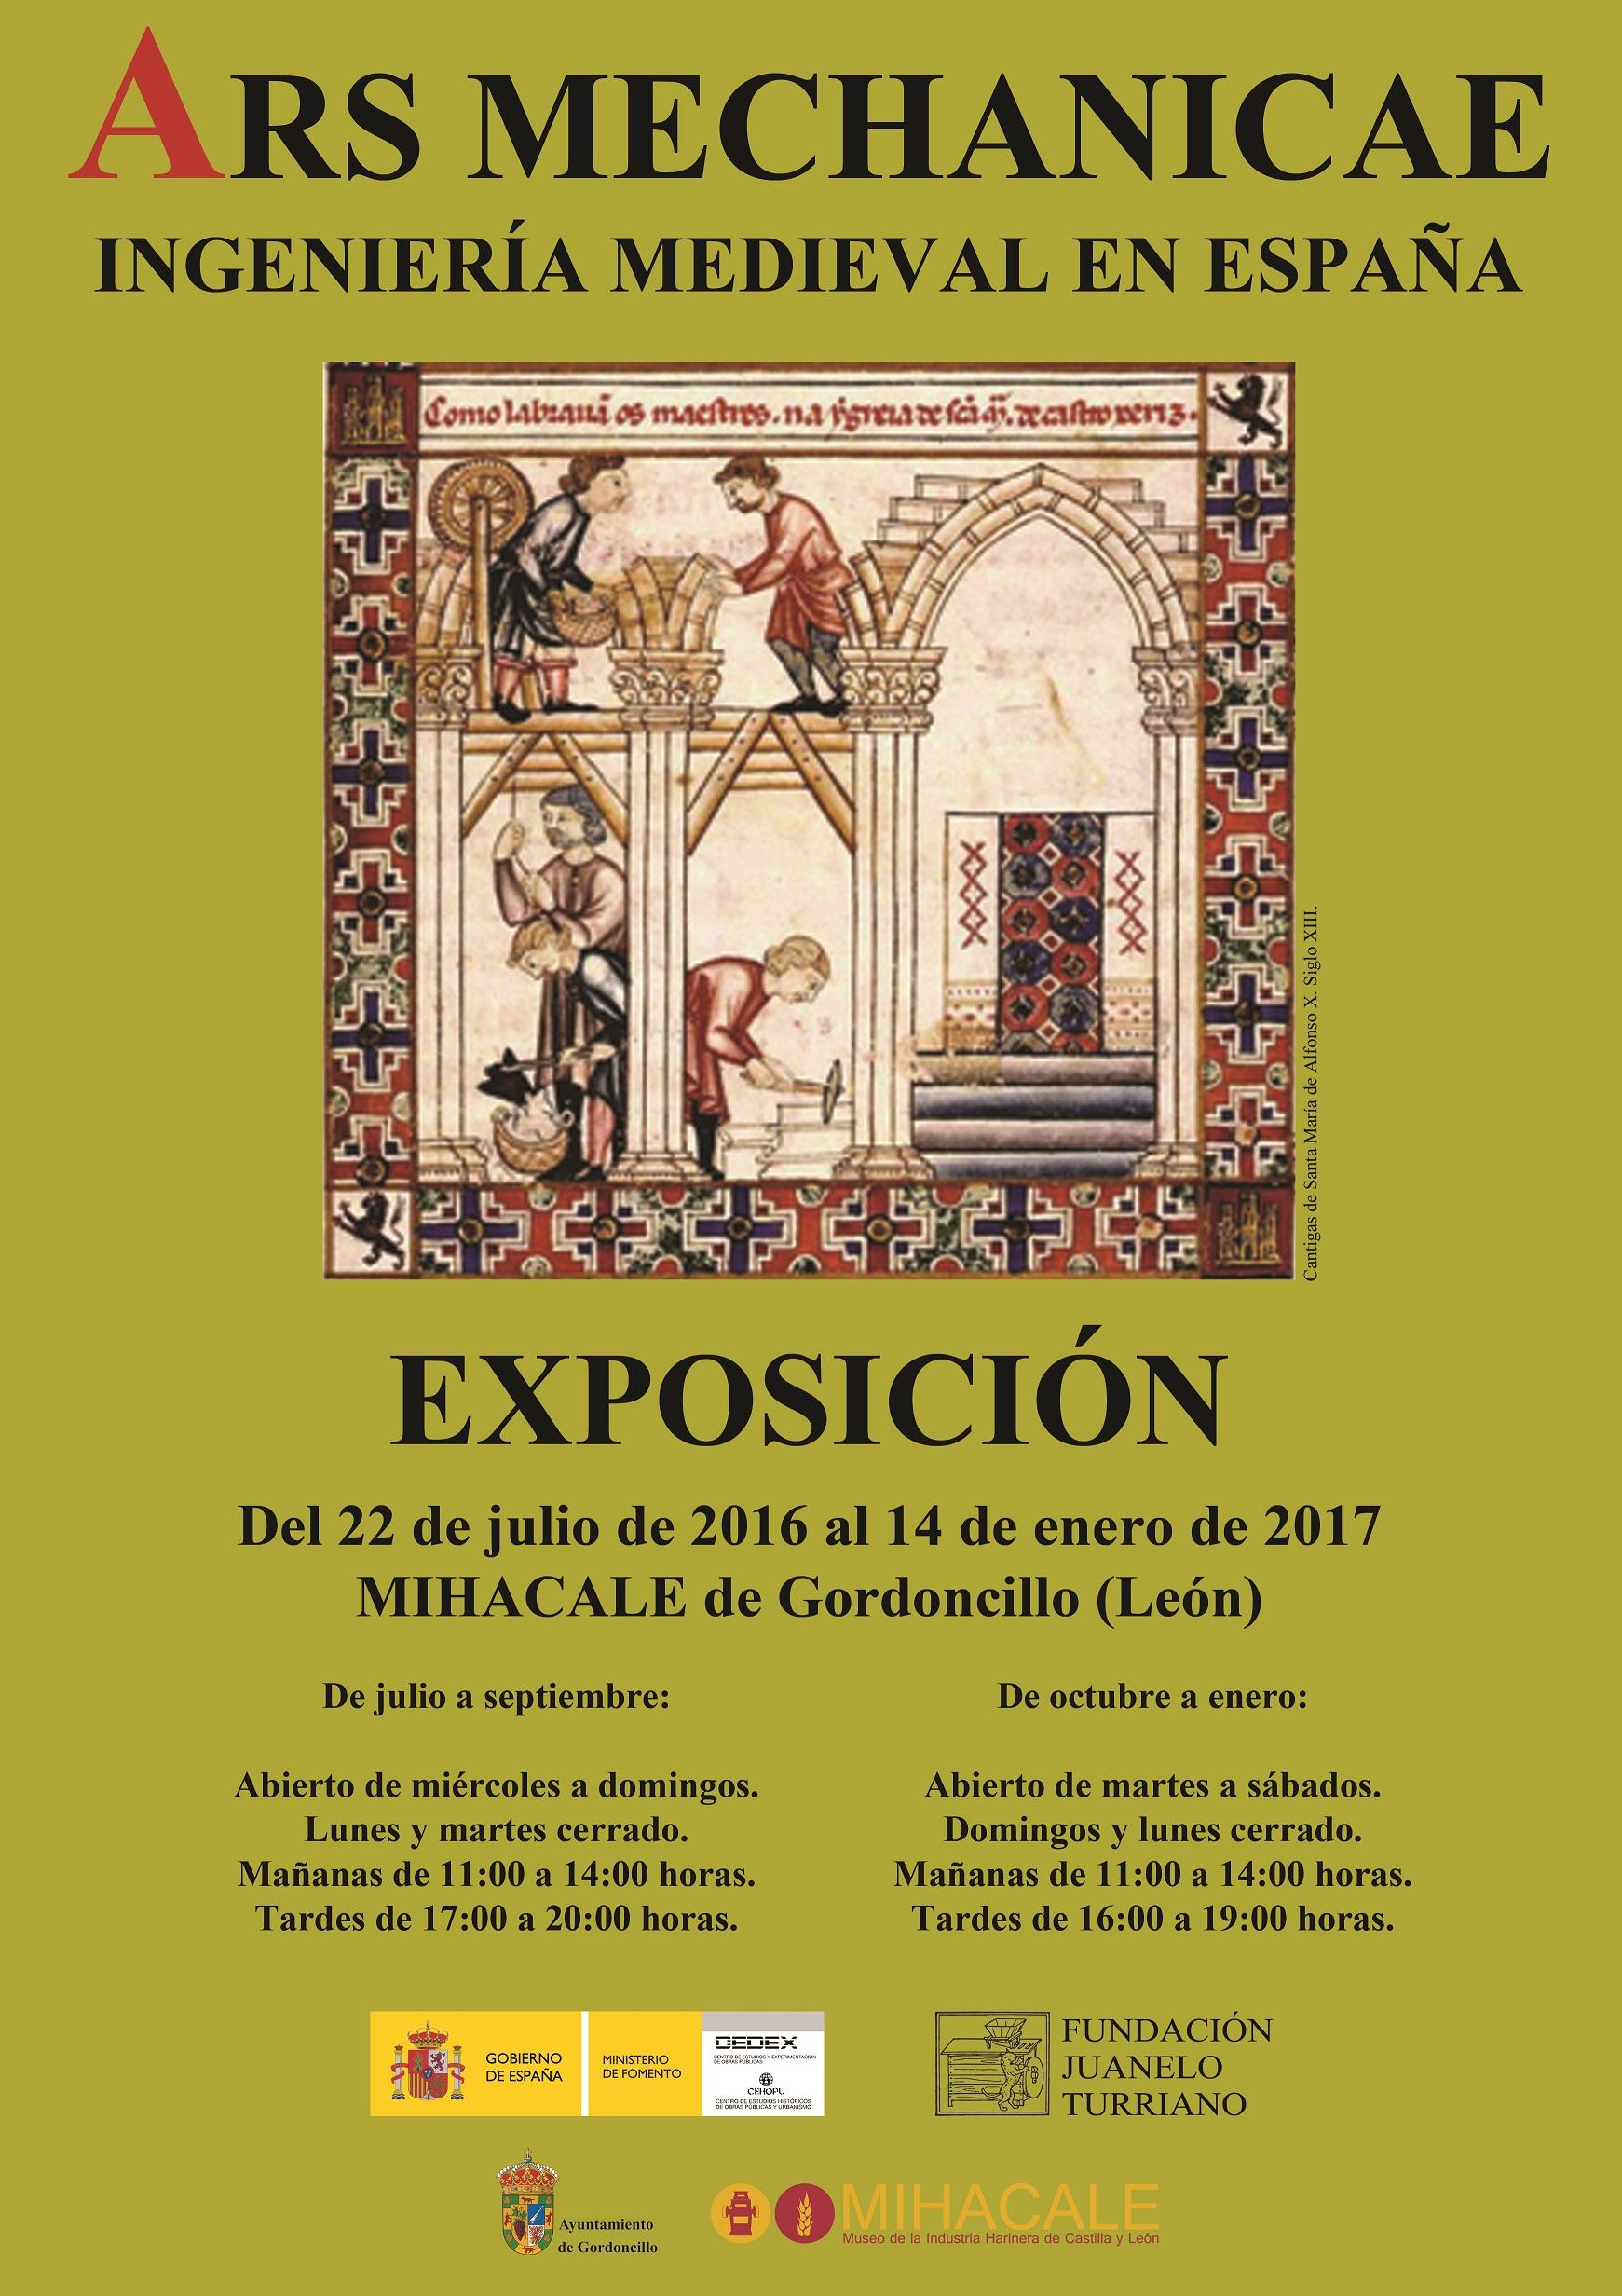 Ars Mechanicae. Exposición itinerante en MIHACALE